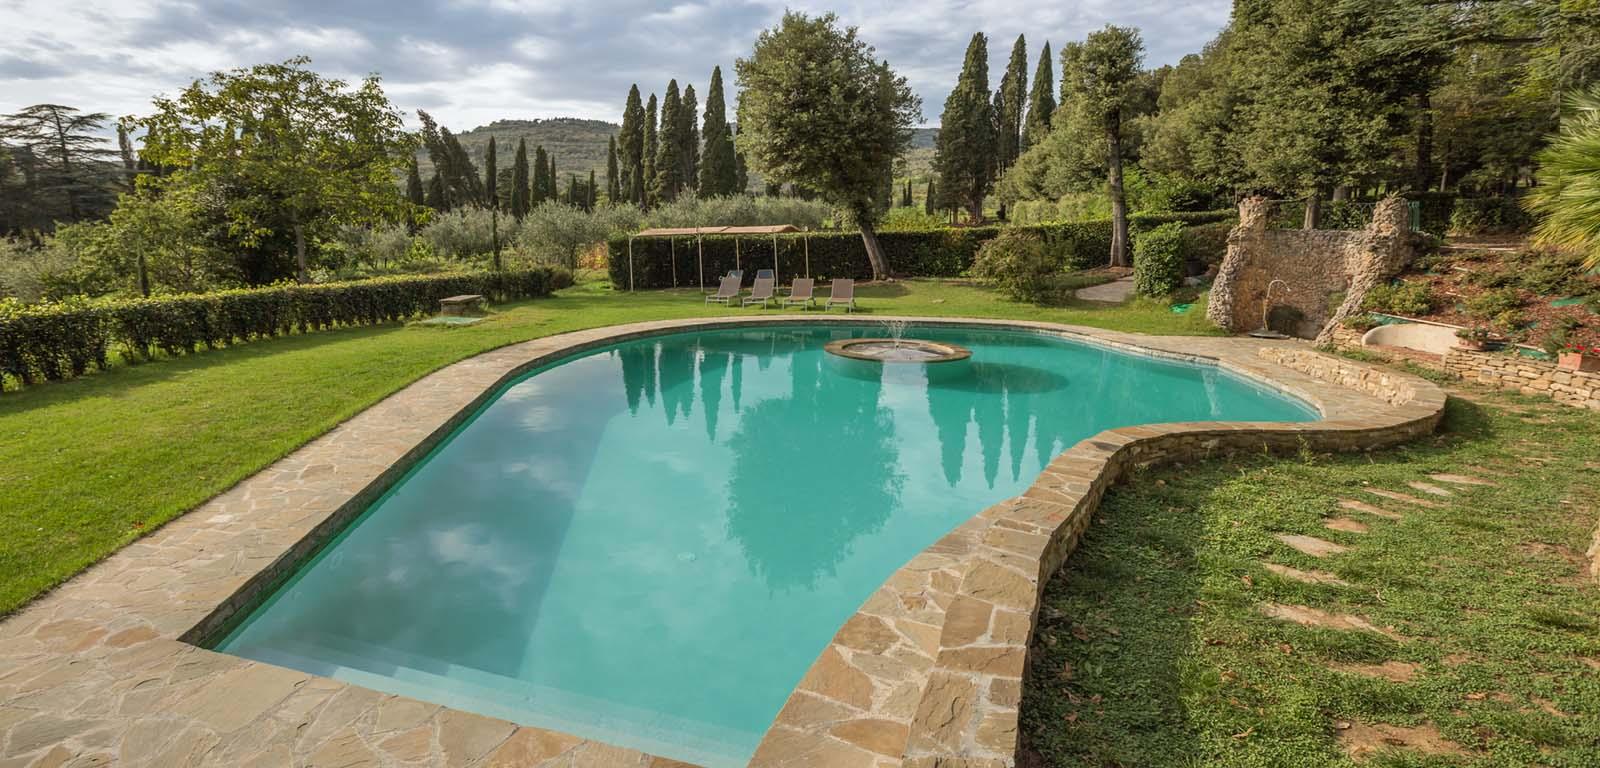 Piscine con rivestimento grigio piscine castiglione for Piscine seminterrate